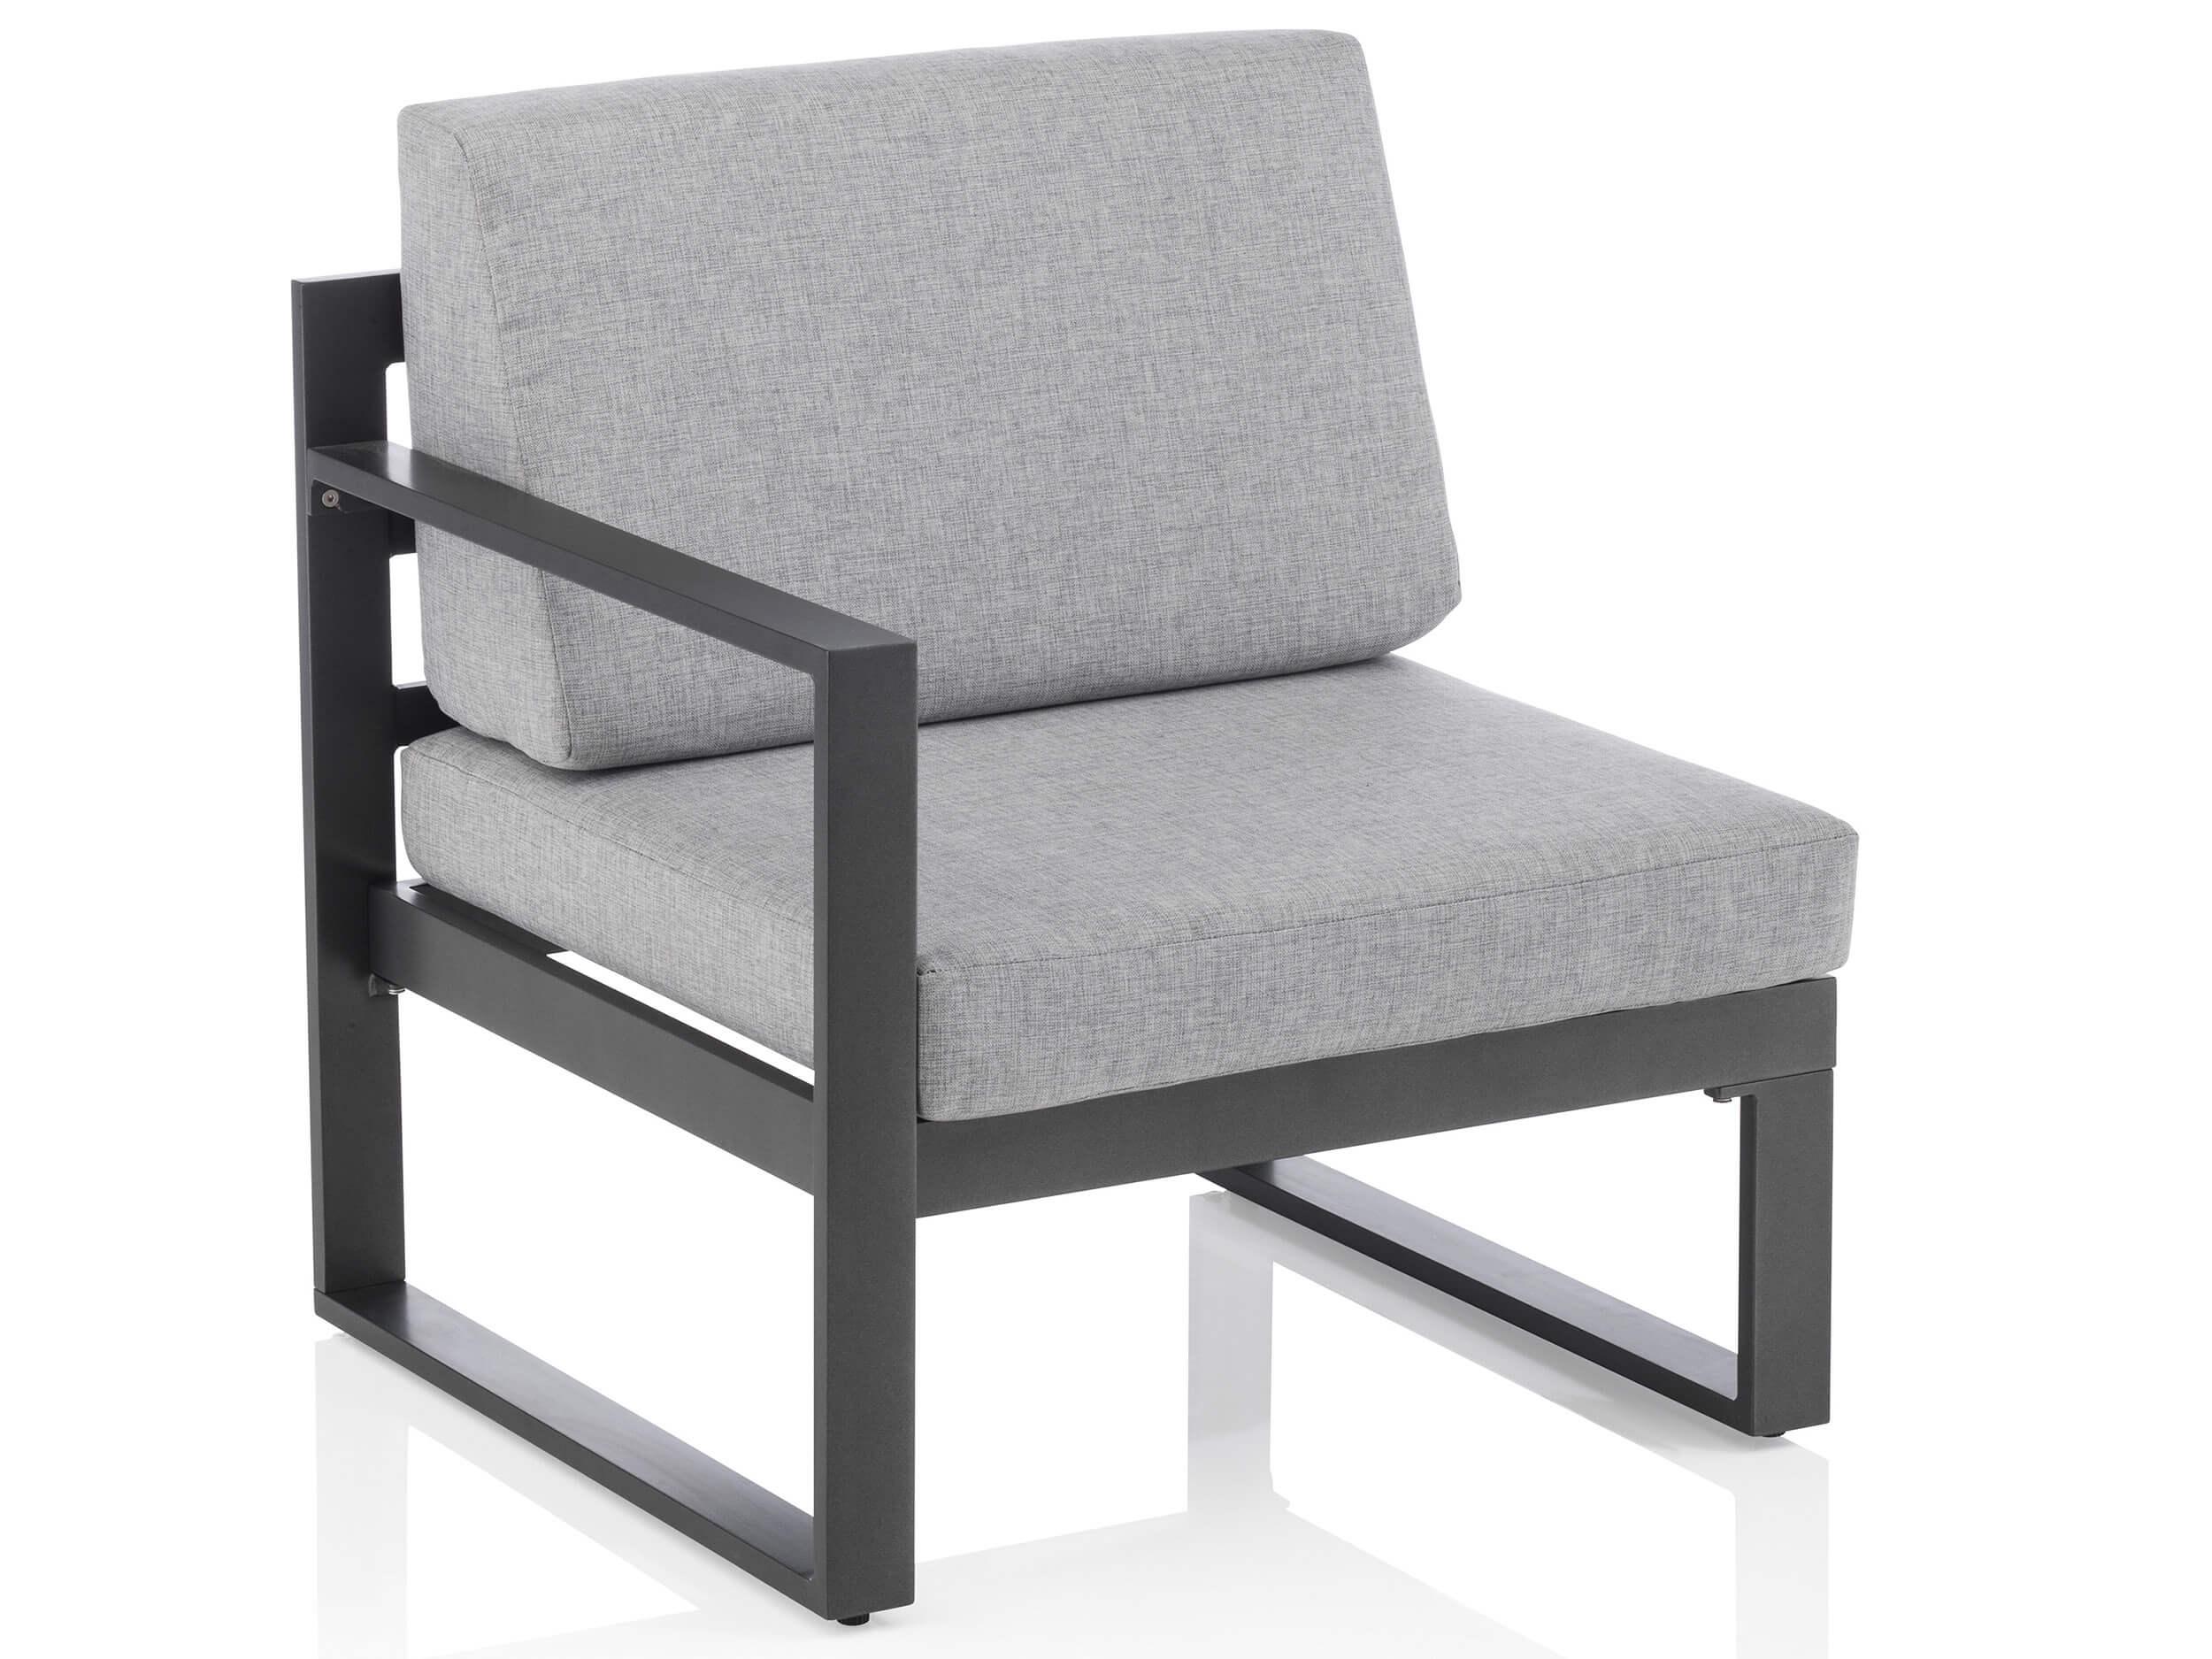 kettler ocean modular lounge endteil links gartenm bel l nse. Black Bedroom Furniture Sets. Home Design Ideas